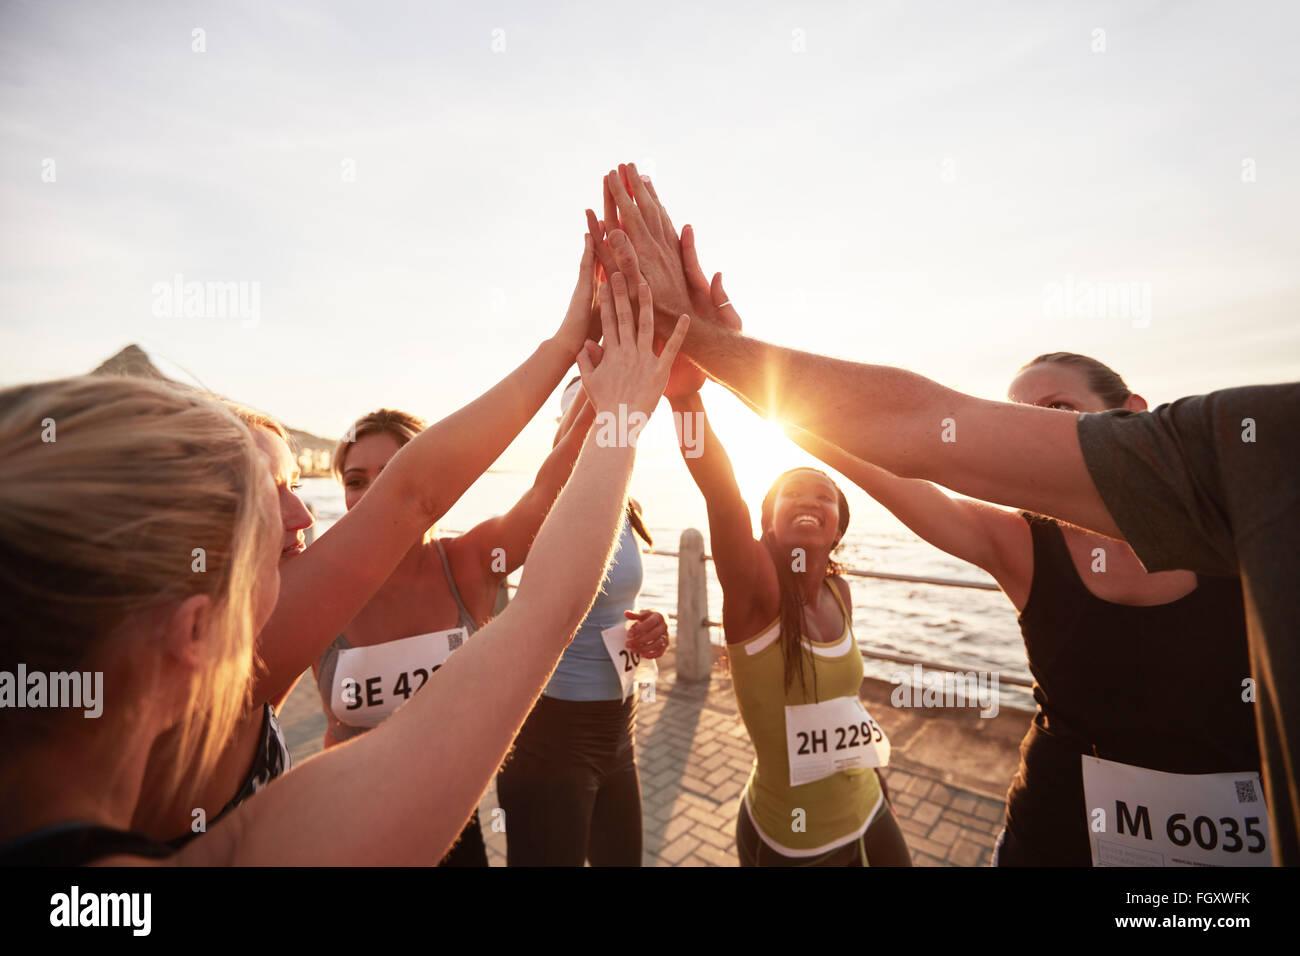 Sportliche Team mit ihren Händen gestapelt zusammen Erfolge feiern. Marathonläufer geben hohe fünf. Stockbild